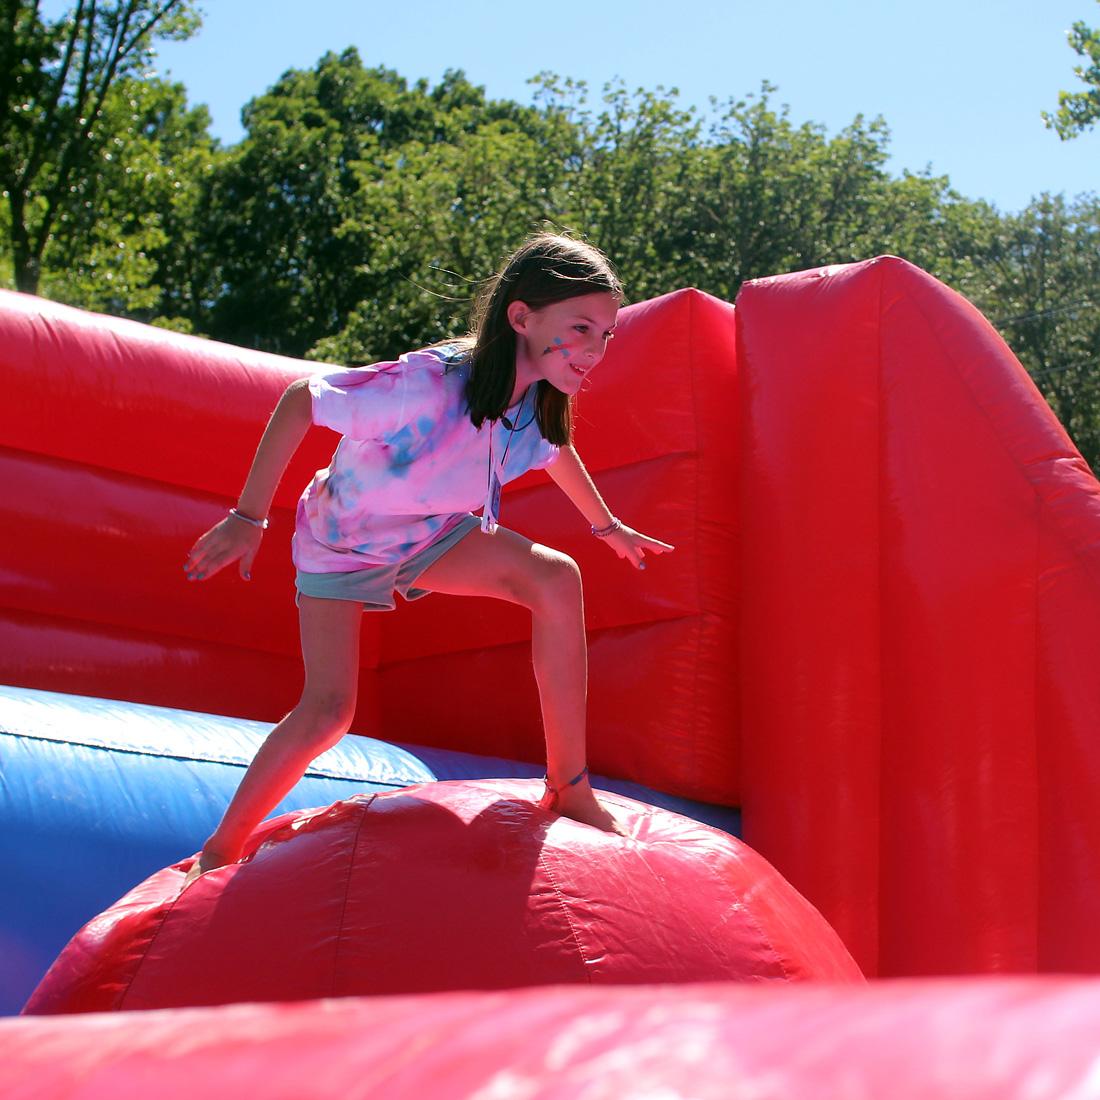 inflatable challenge girl